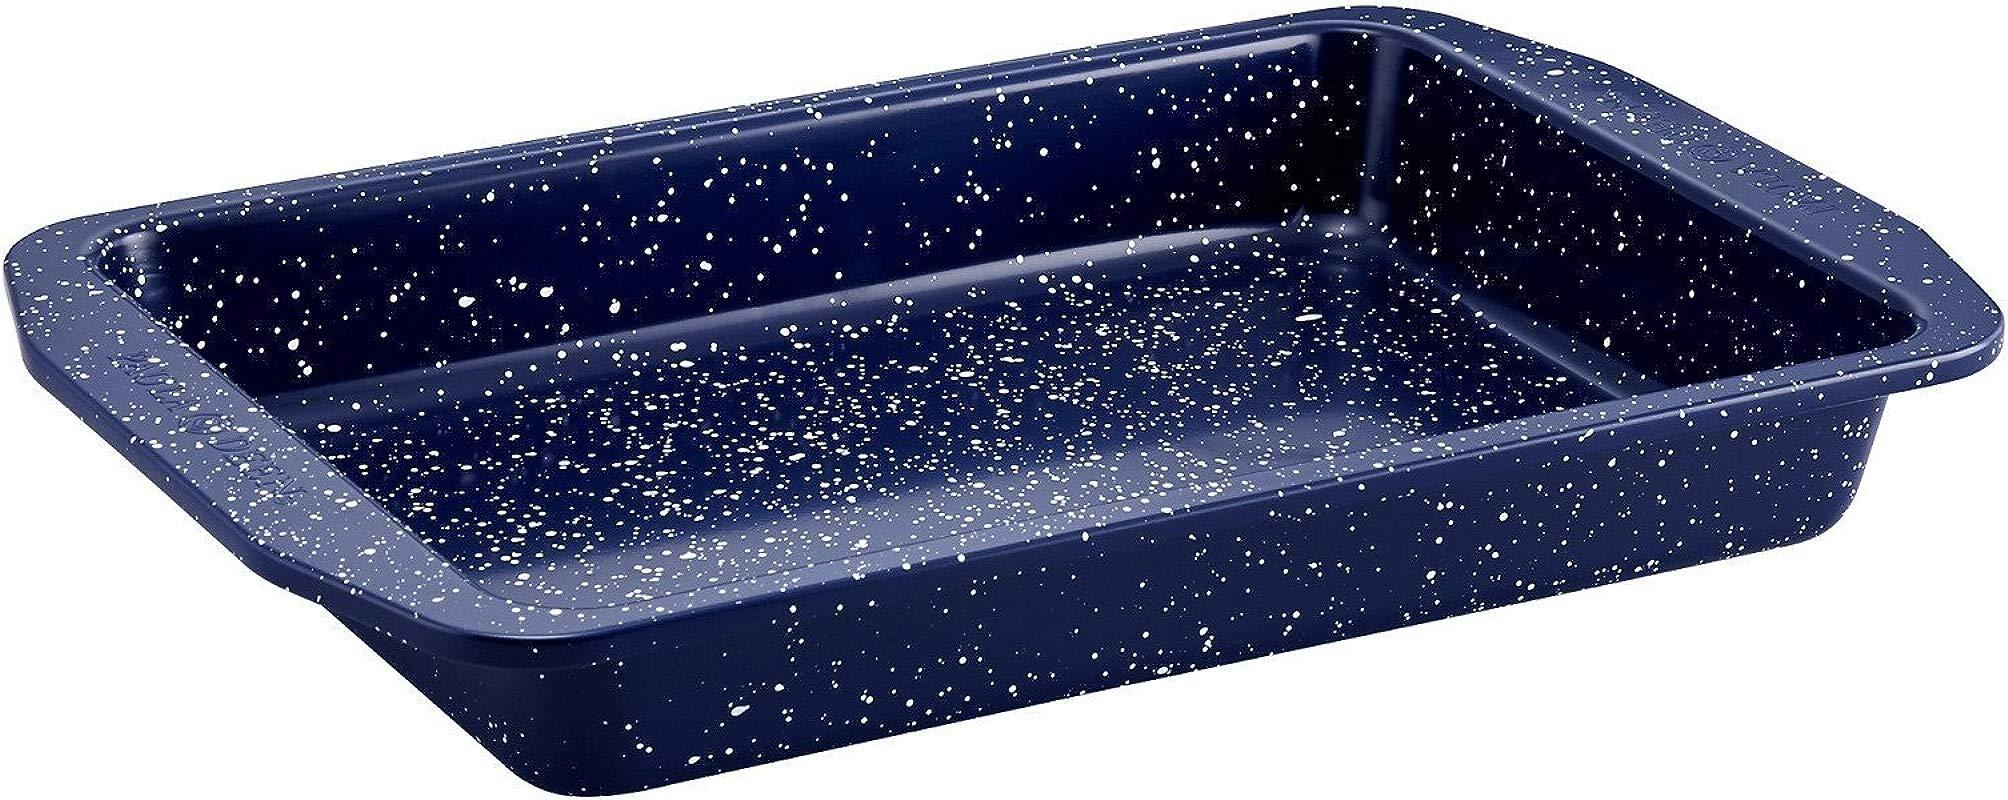 Paula Deen 46813 Nonstick Speckled Bakeware Rectangular Cake Pan 9 X 13 Deep Sea Blue